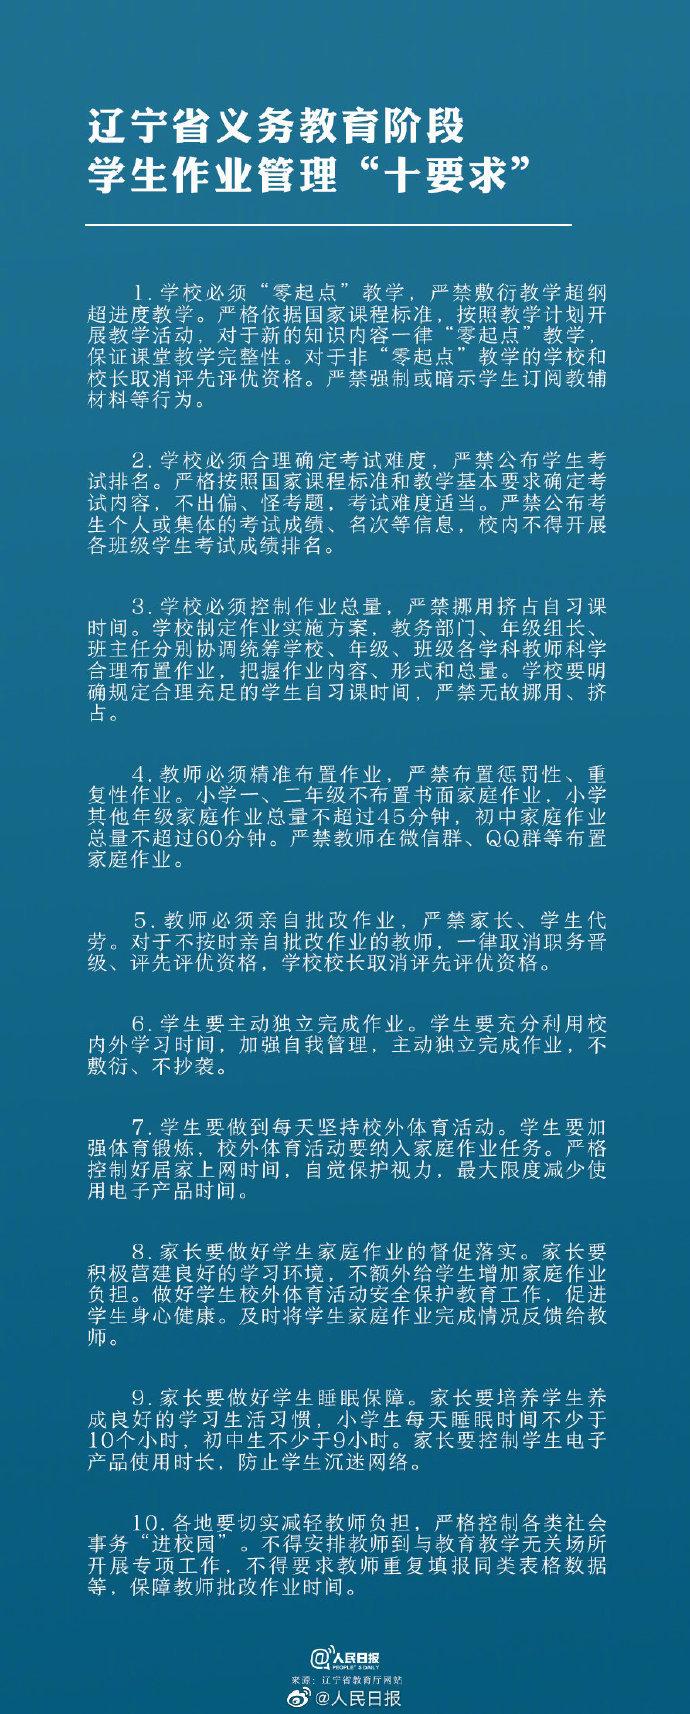 辽宁要求教师必须亲自批改作业 严禁家长代劳 2013辽宁科技大学综合分数要求